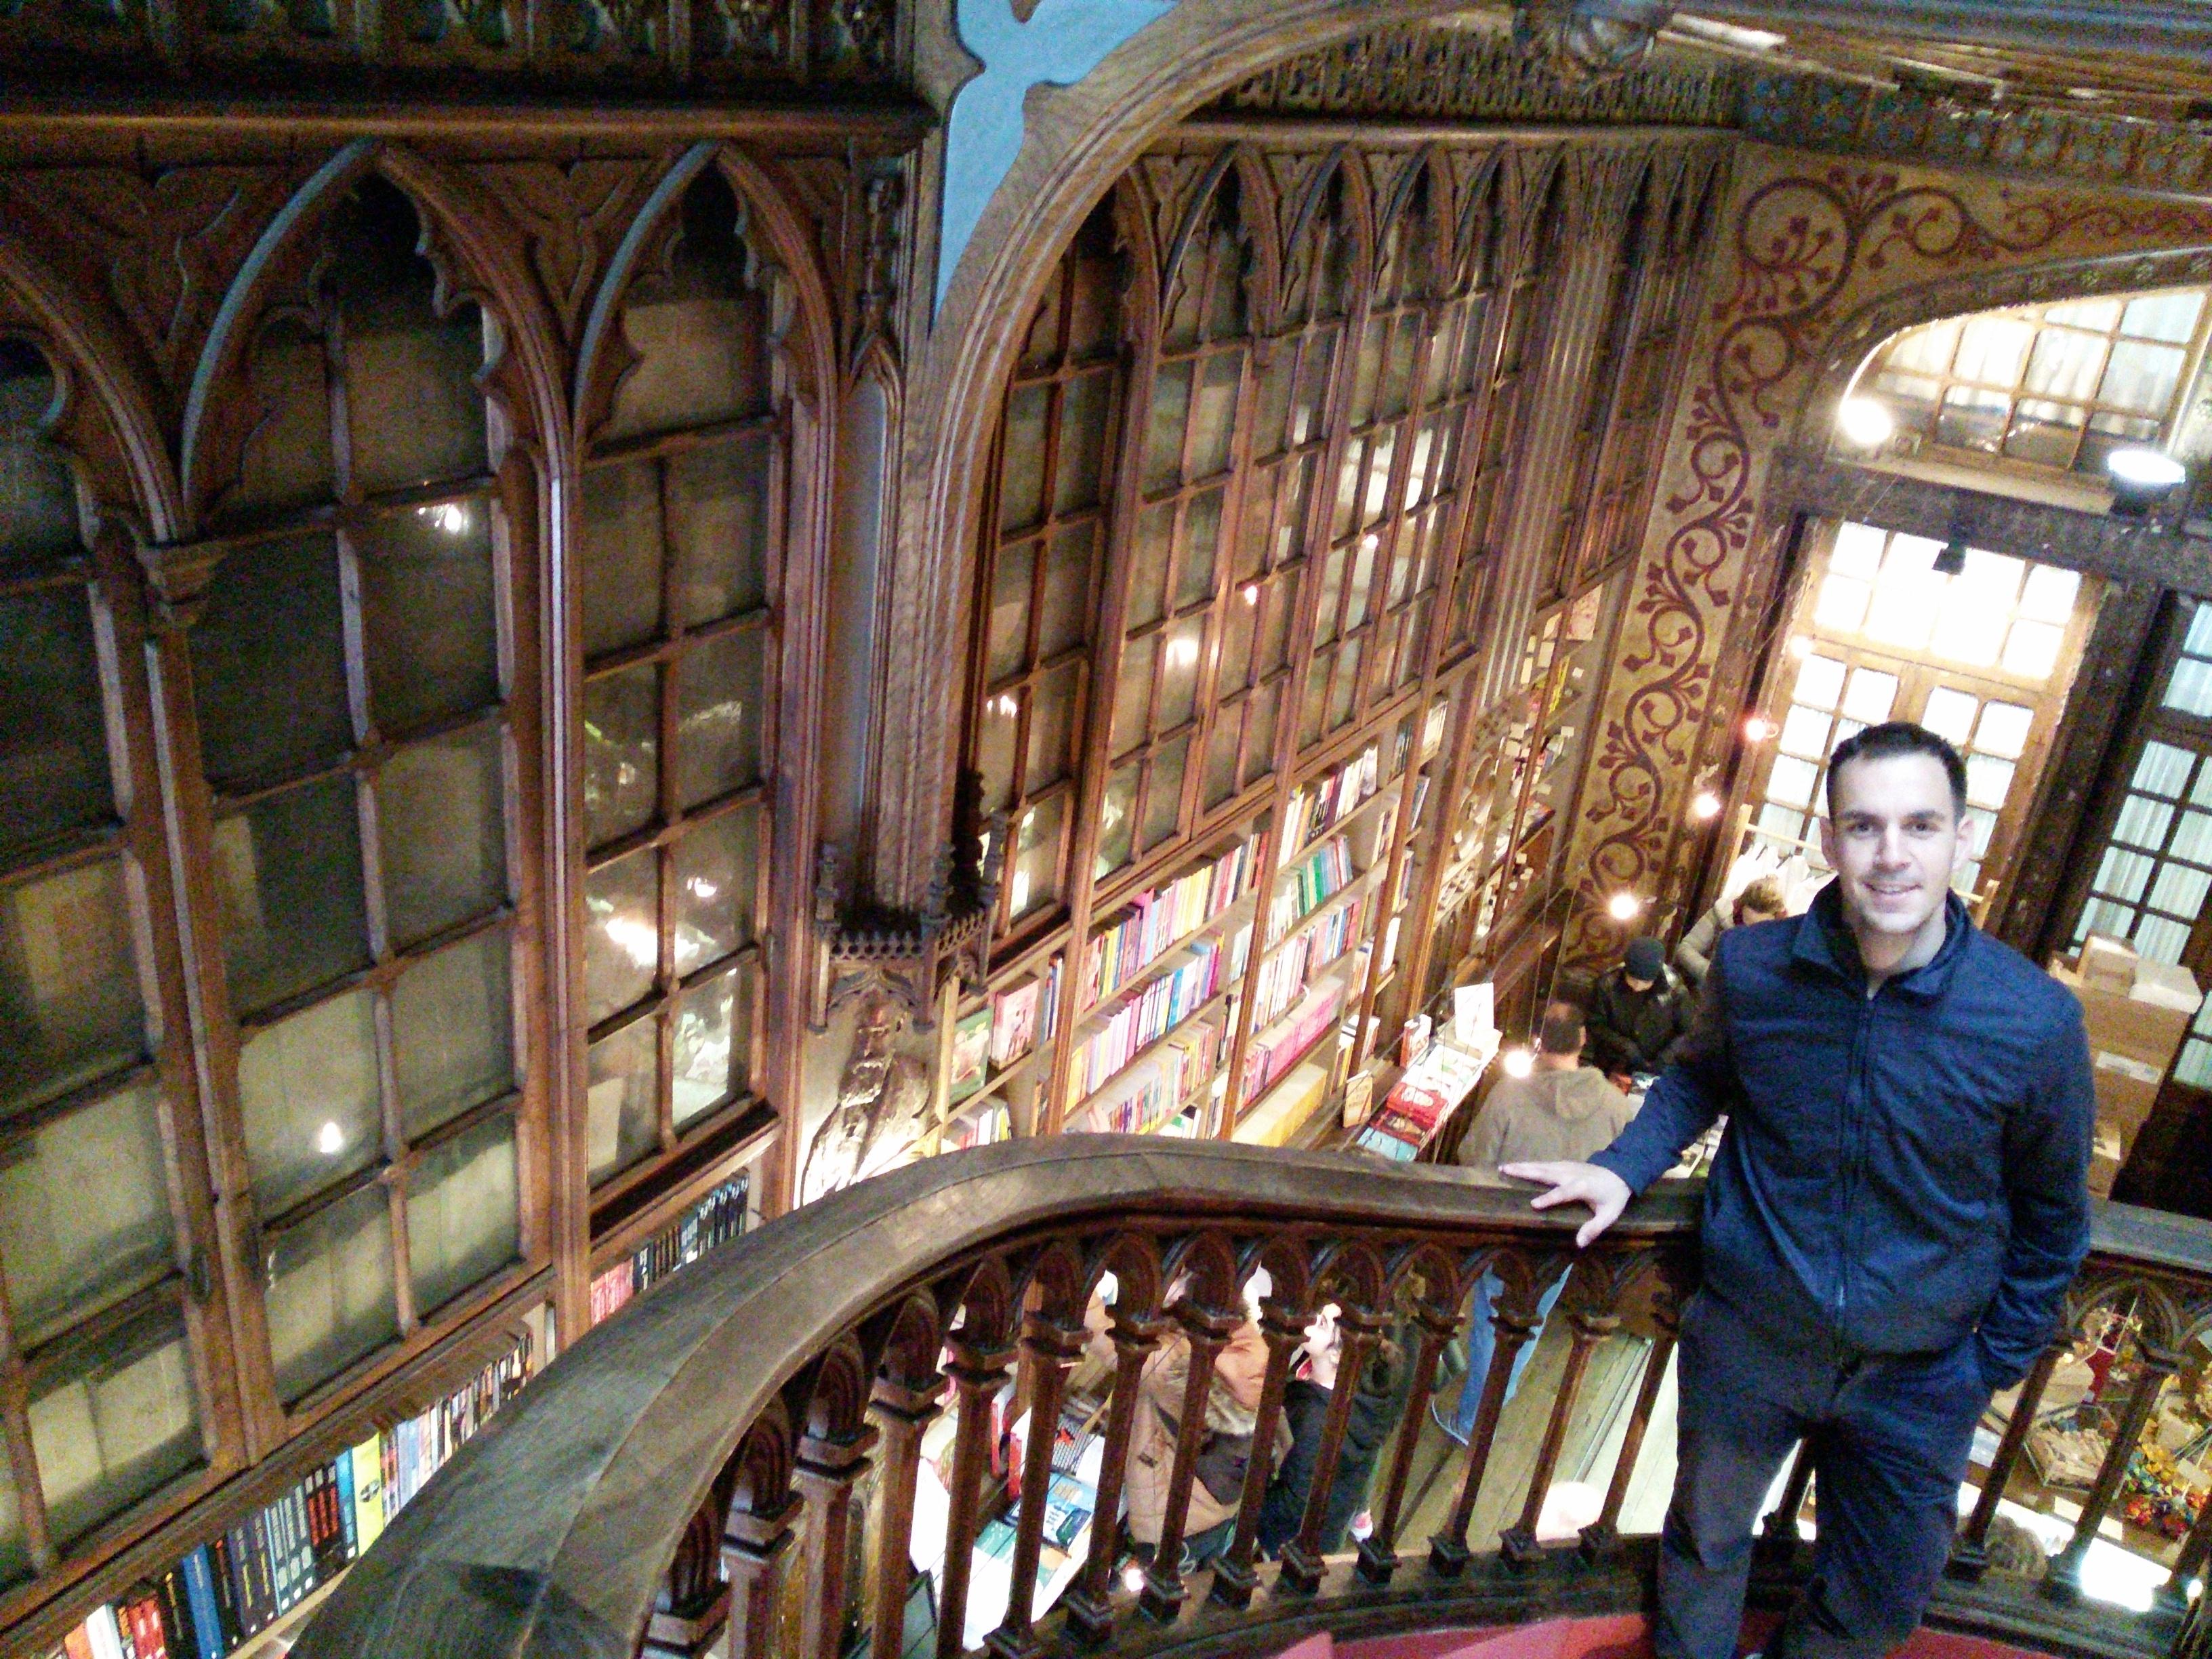 Knjižara koja je poslužila kao inspiracija za stvaranje Harry Pottera